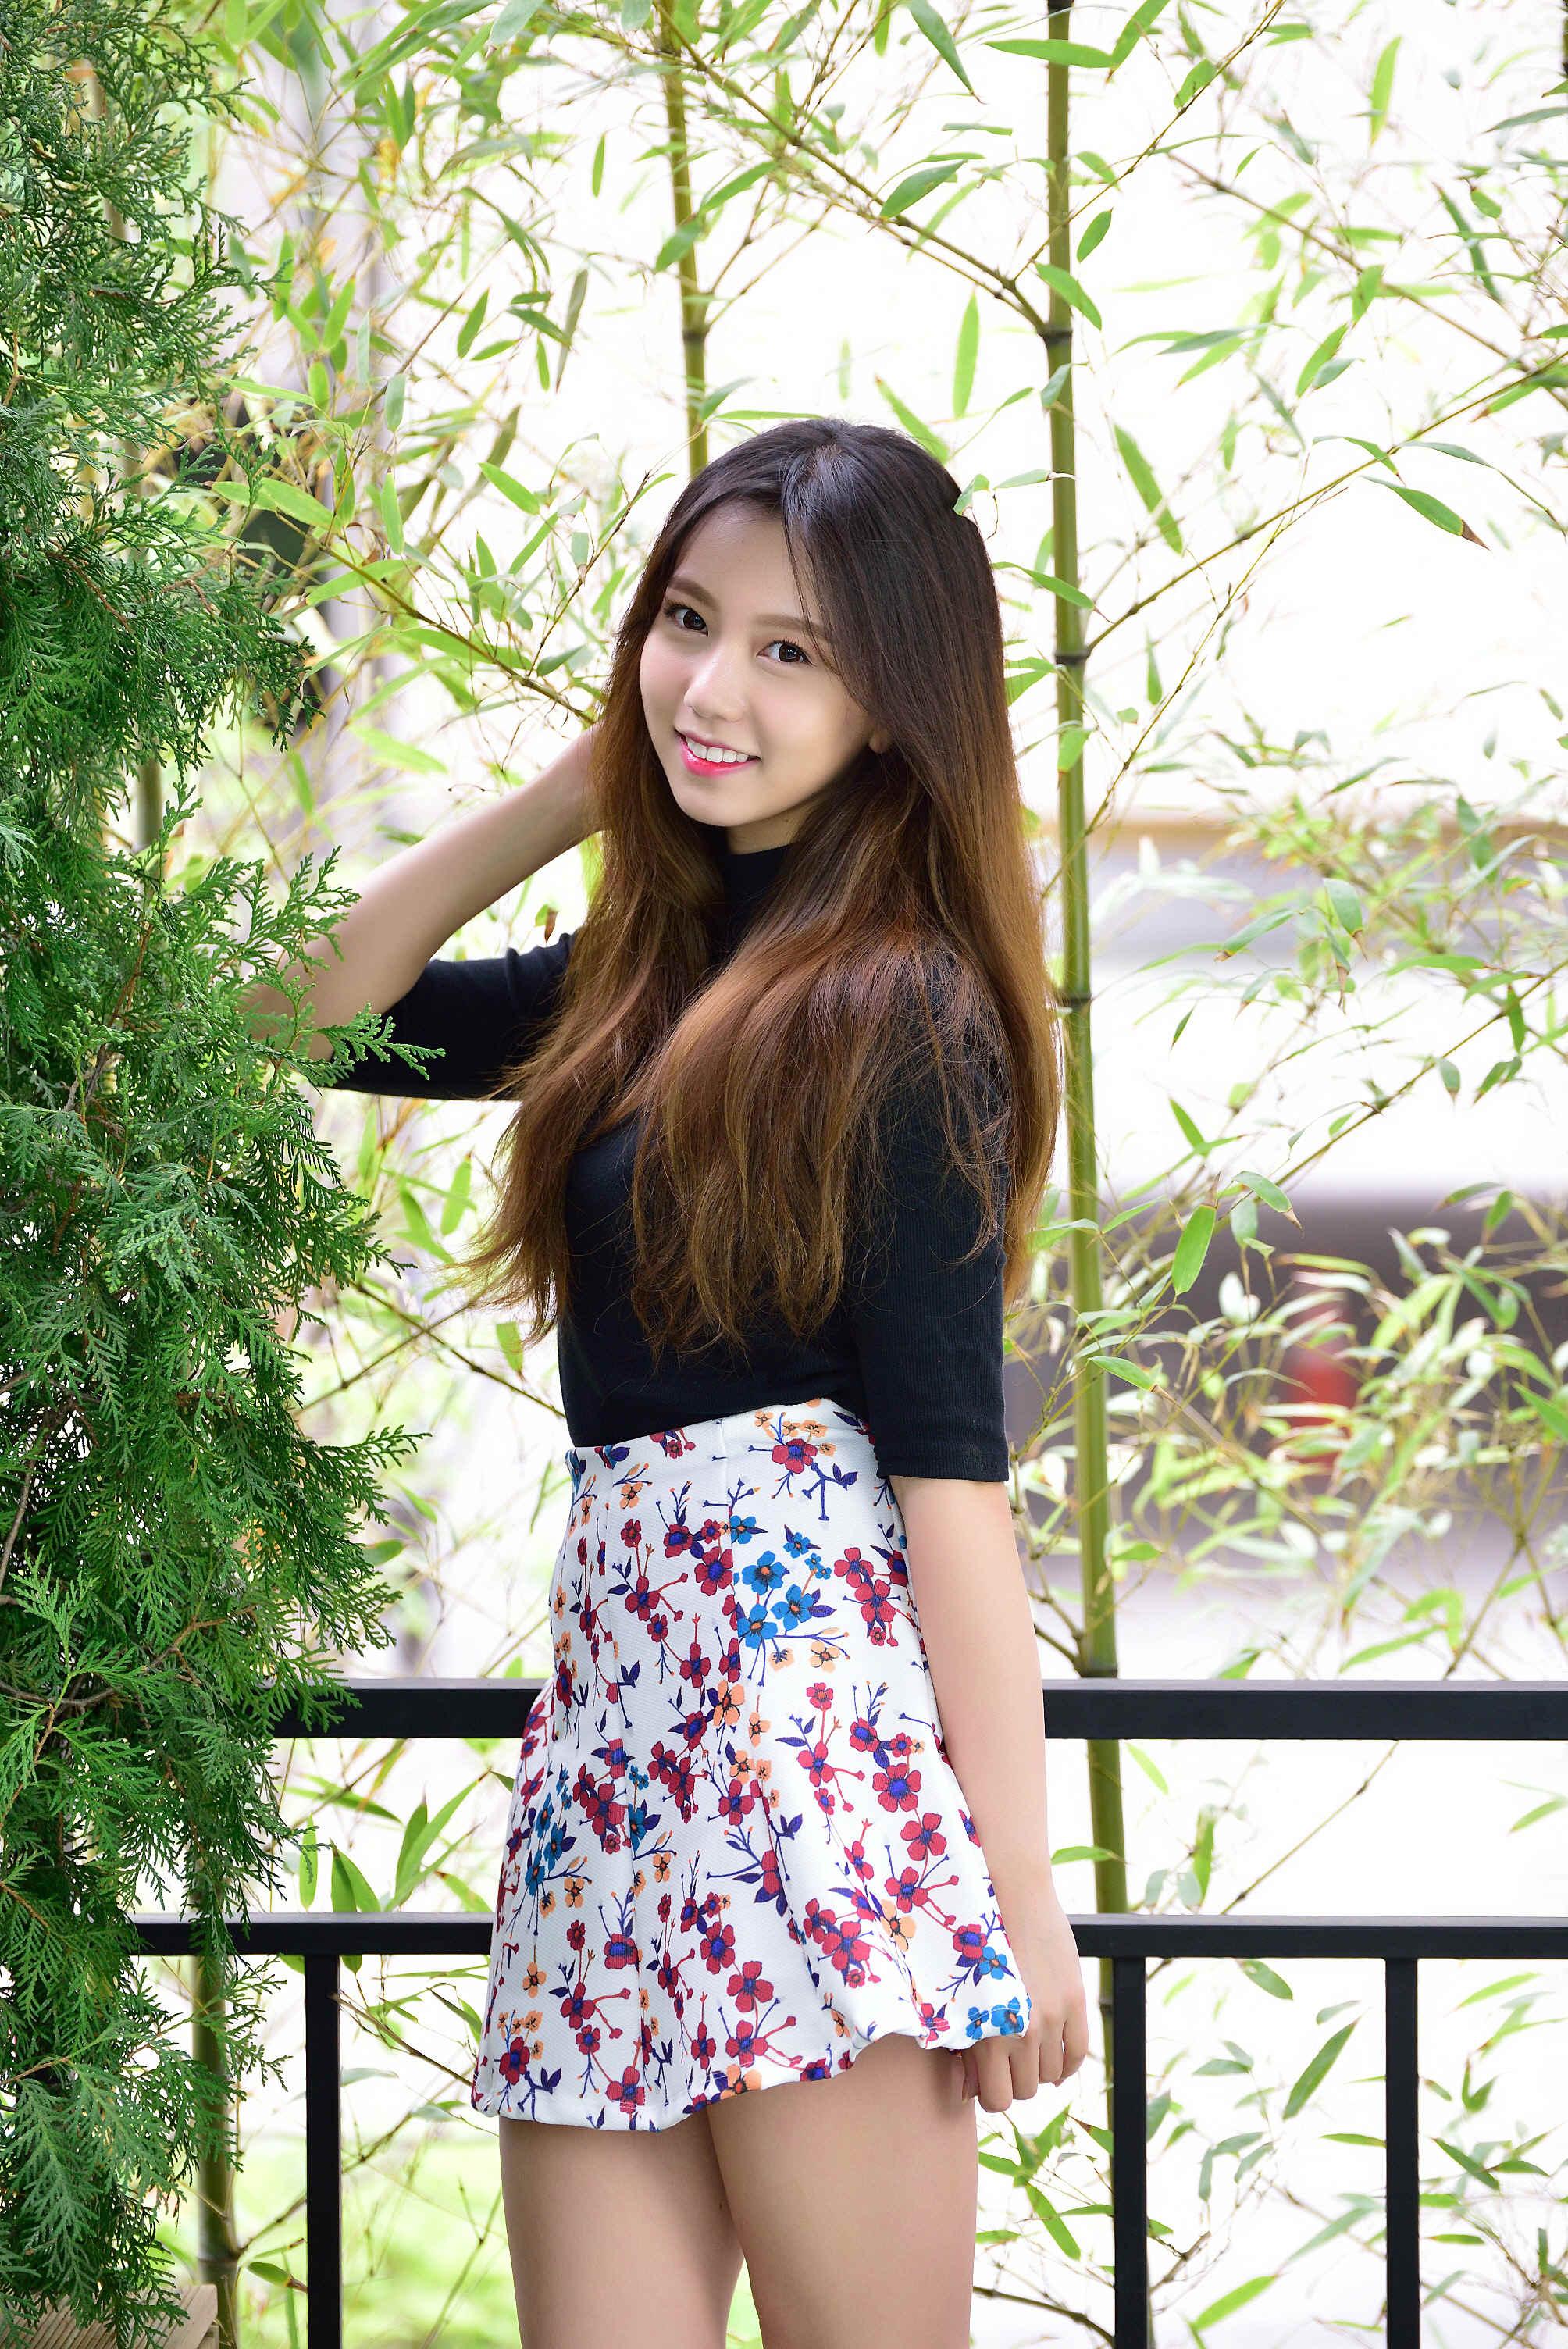 亚洲色15p图_韩智恩-悠闲美丽[20P] / 酷色网